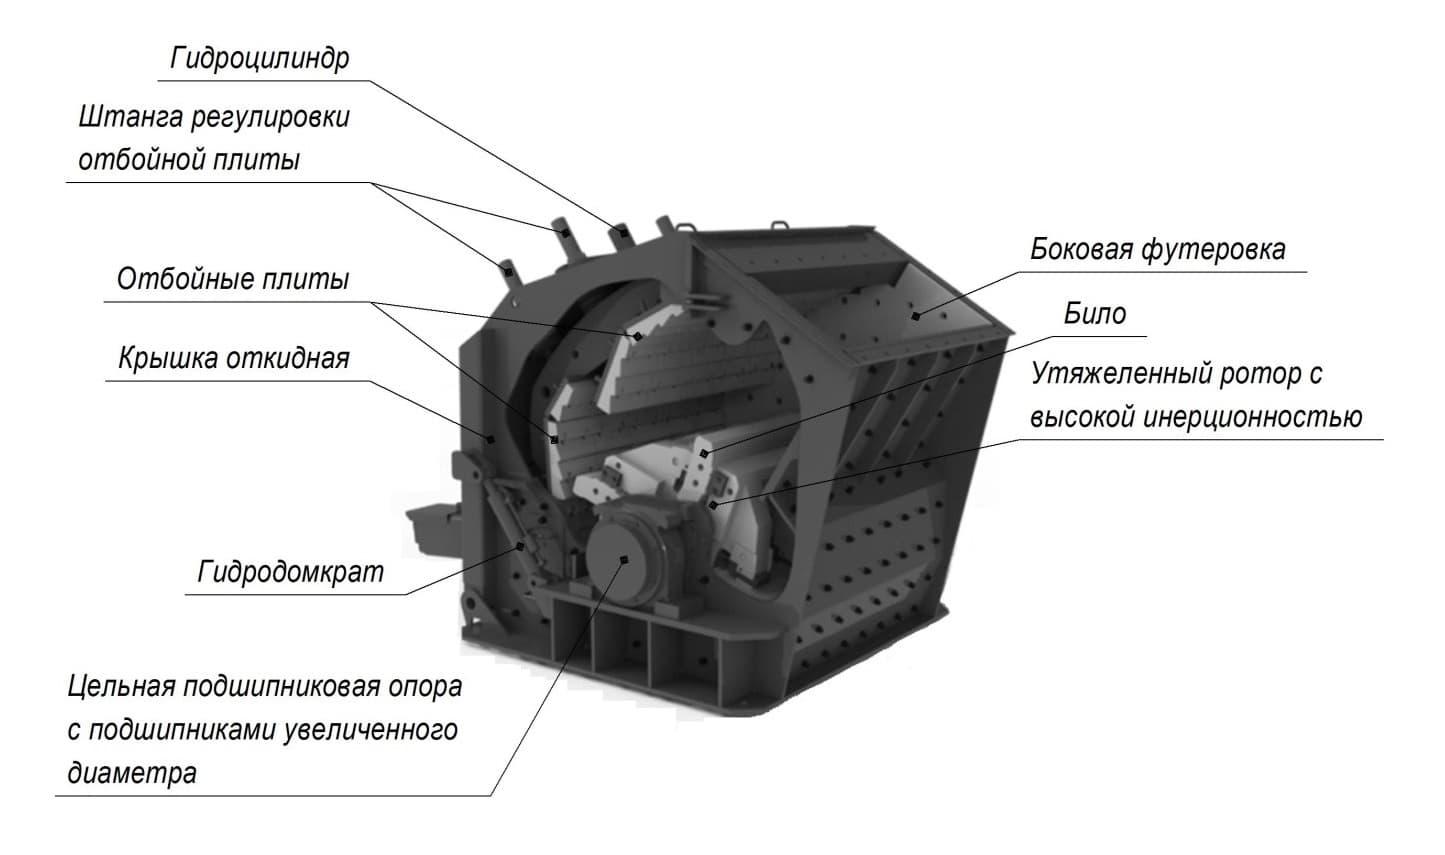 Роторная дробилка серии PFW - фото 1